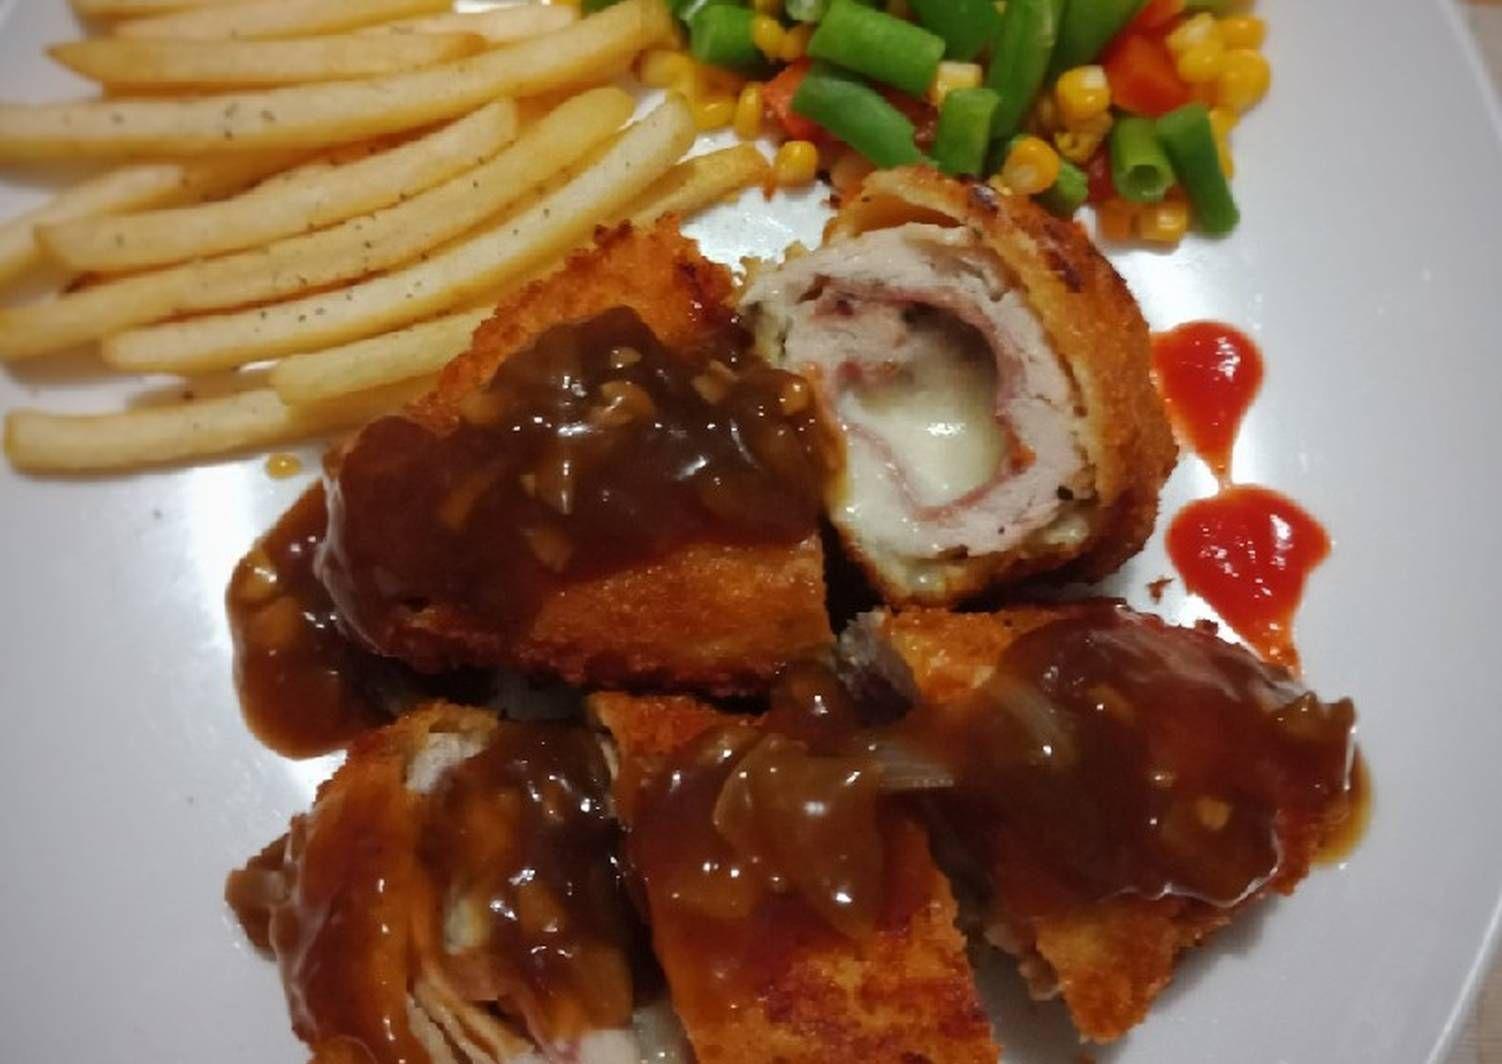 Resep Chicken Cordon Bleu With Brown Sauce Oleh Doubledee Mom Resep Chicken Cordon Bleu Resep Dada Ayam